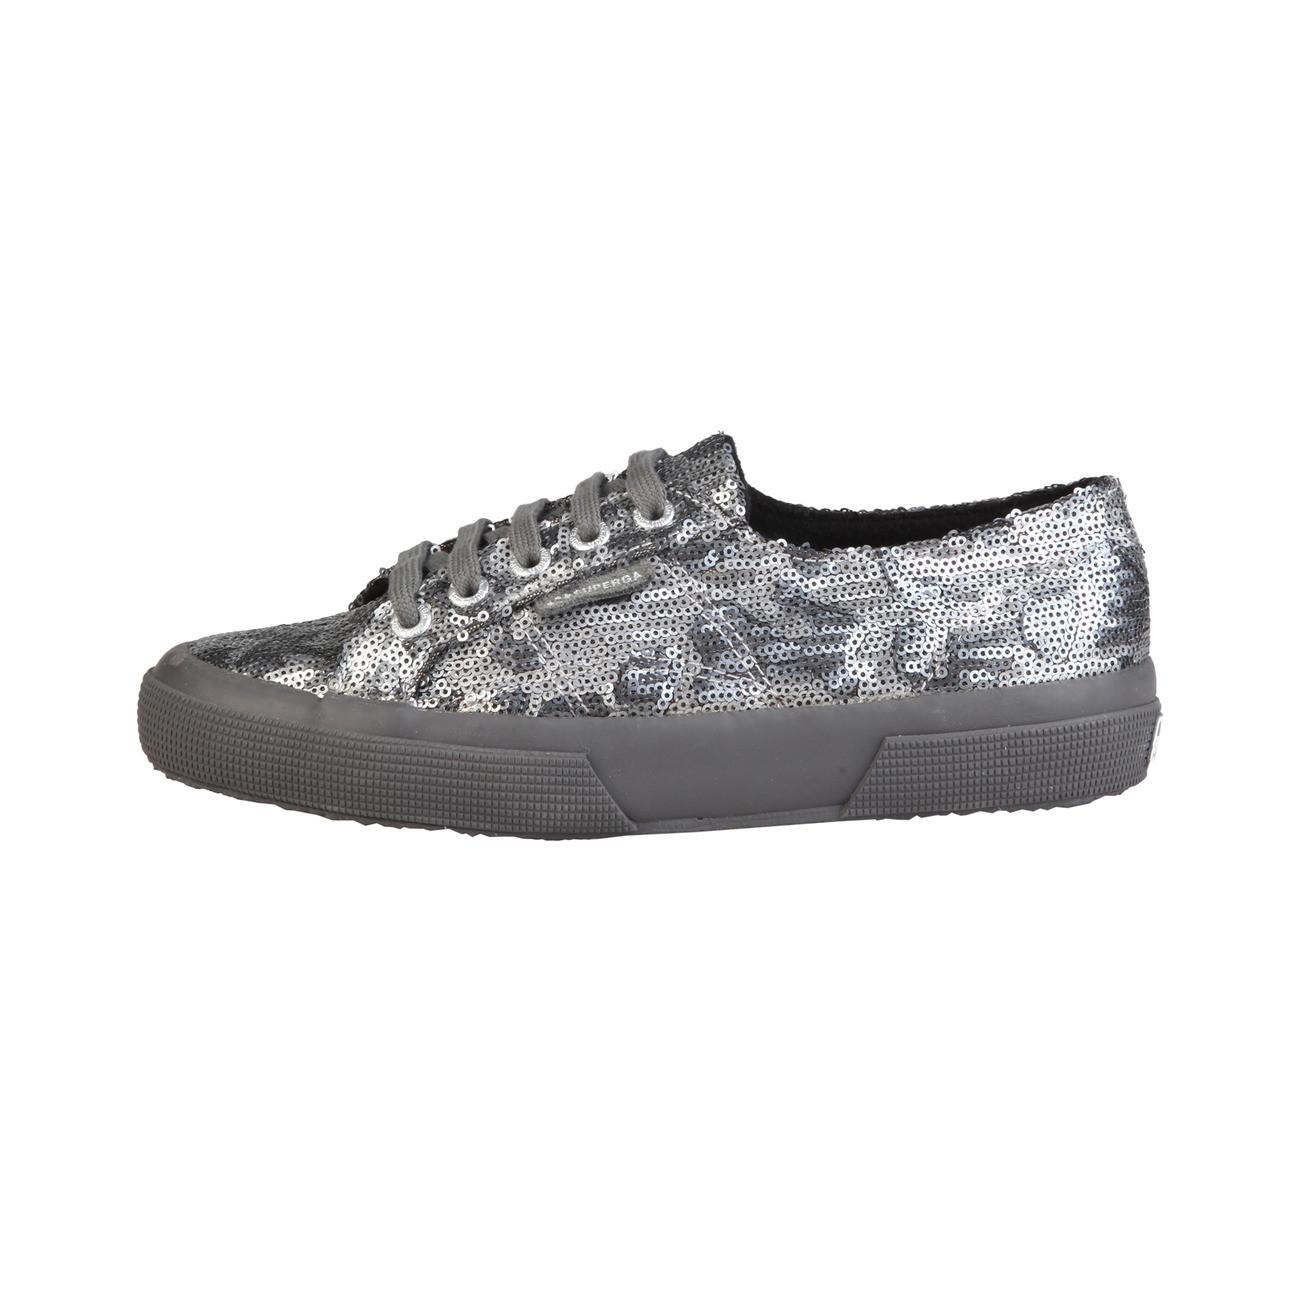 Ladies Sneakers Superga - S009Y70_2750